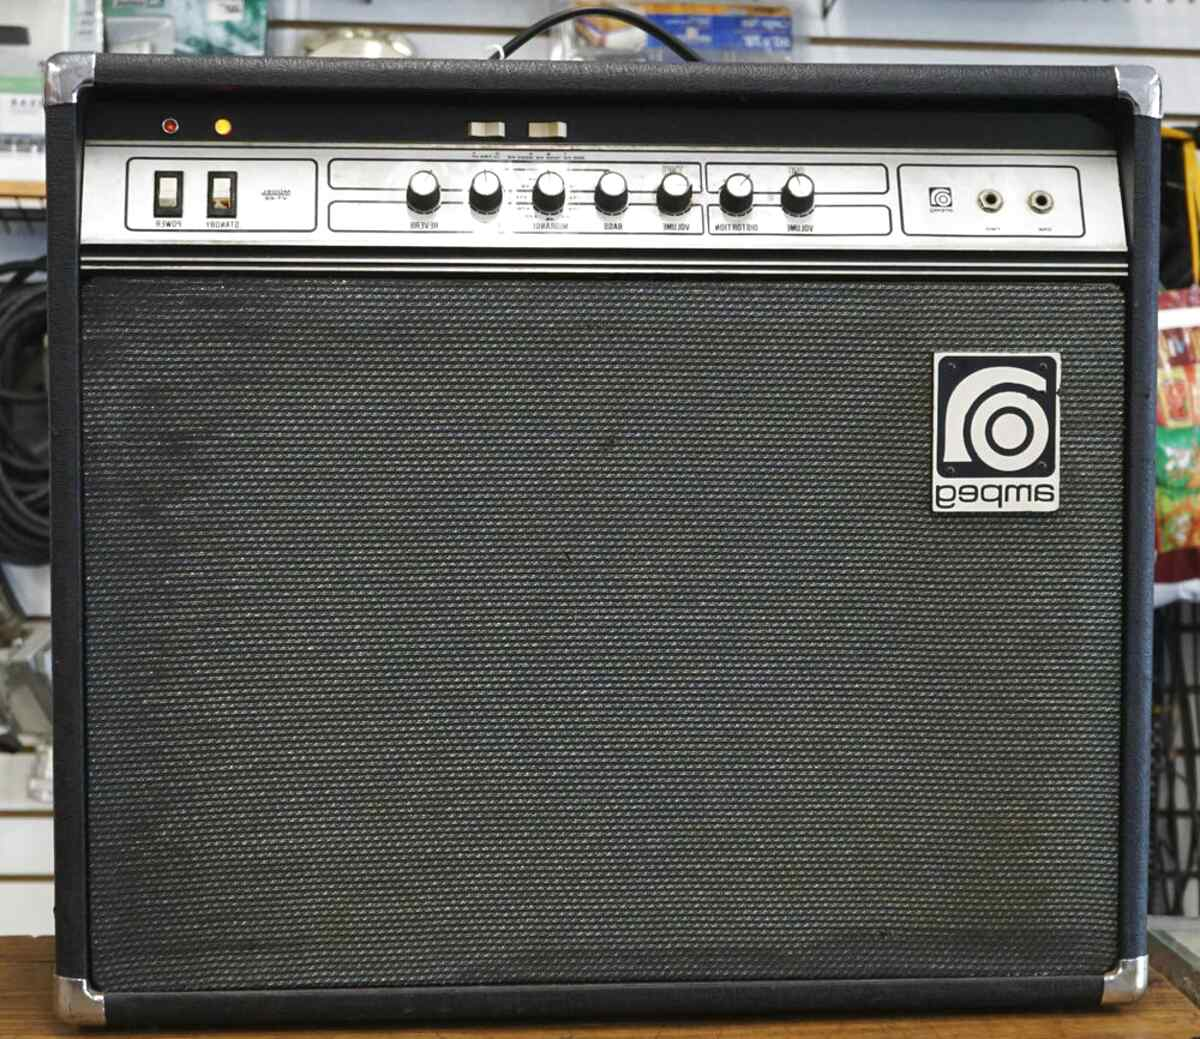 amplificador ampeg de segunda mano